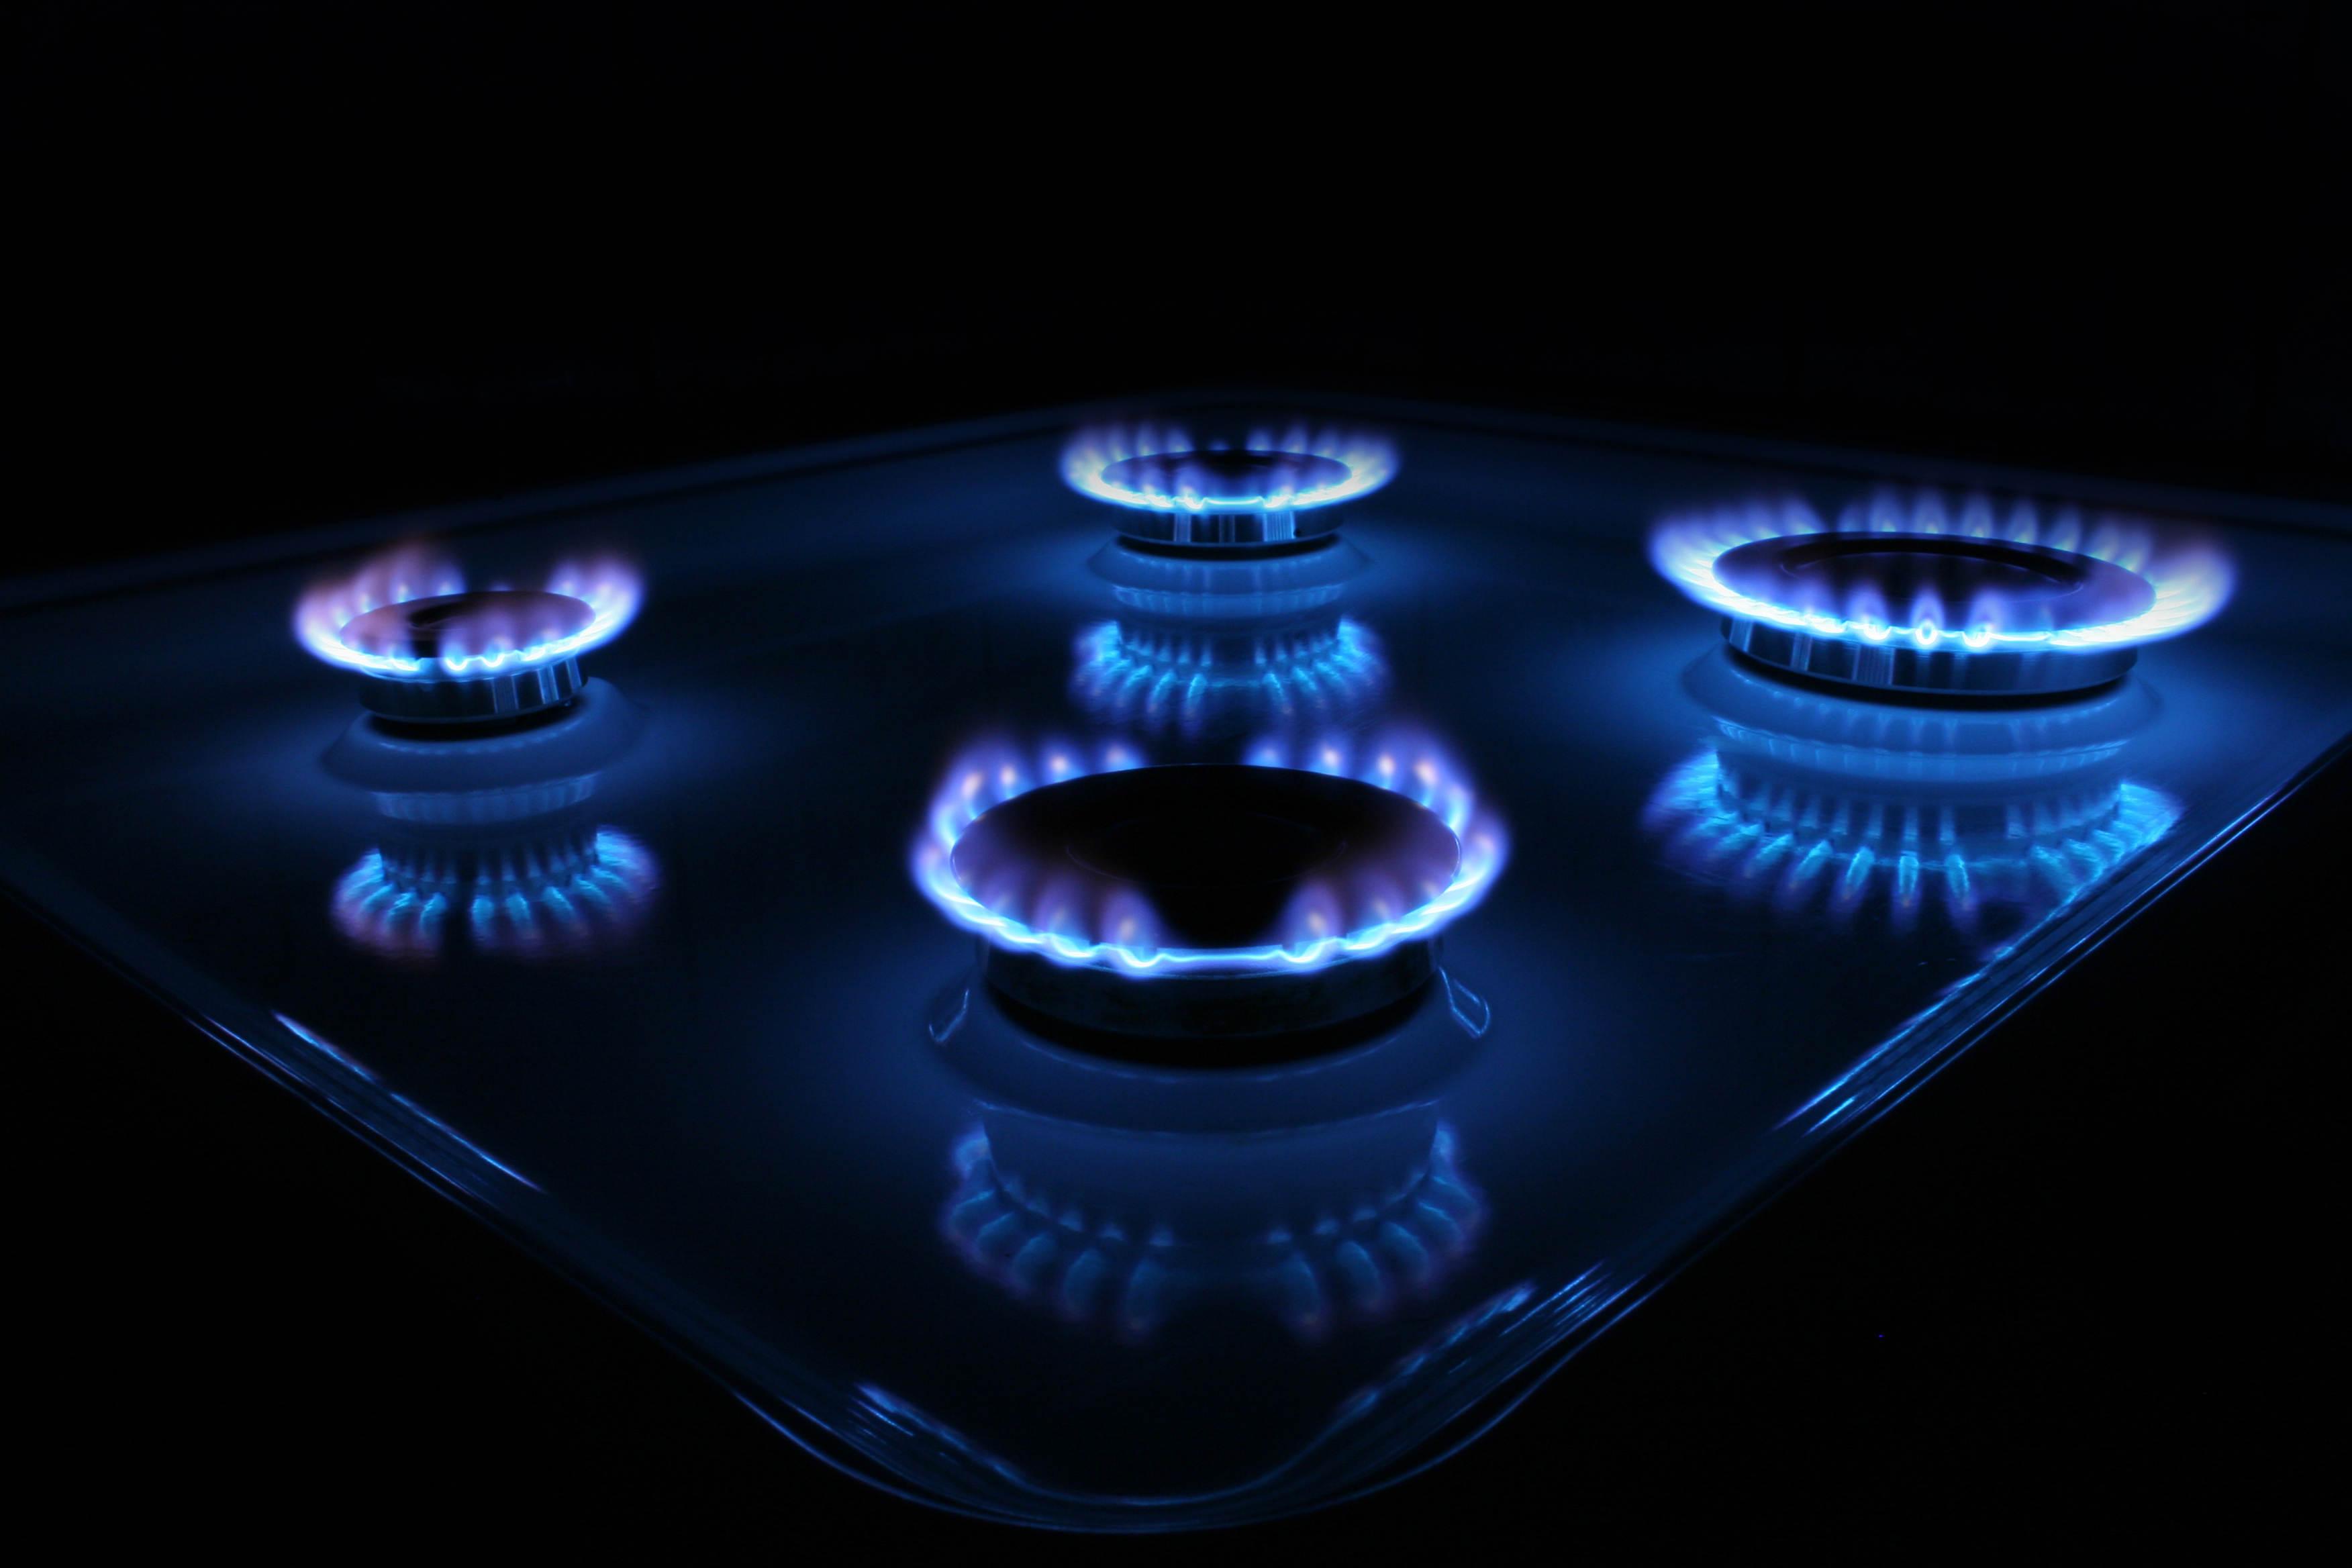 3d gas stove wallpaper hd 62938